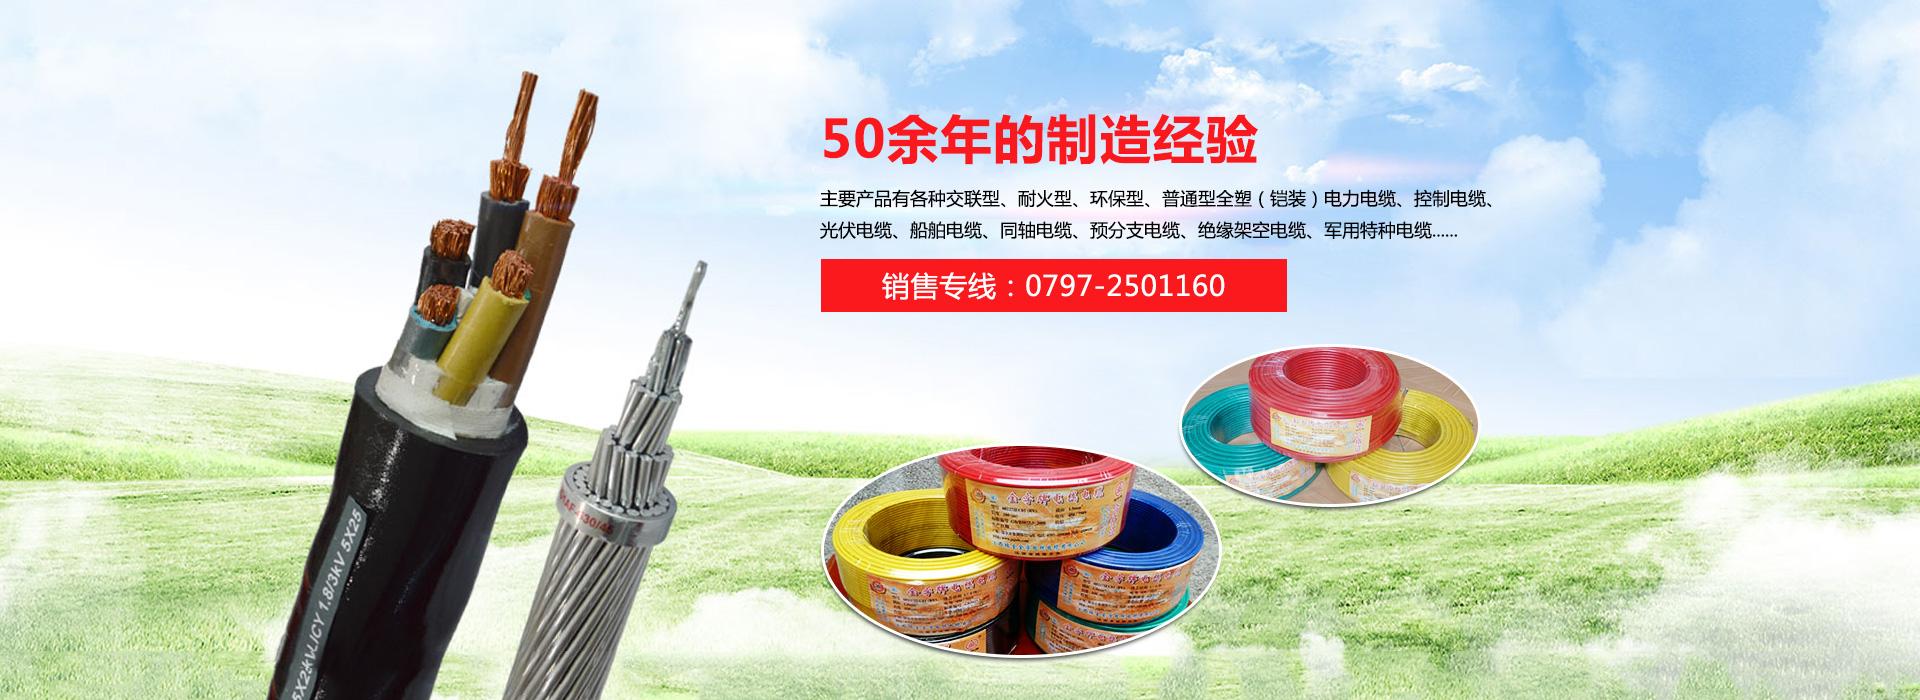 赣州电线电缆